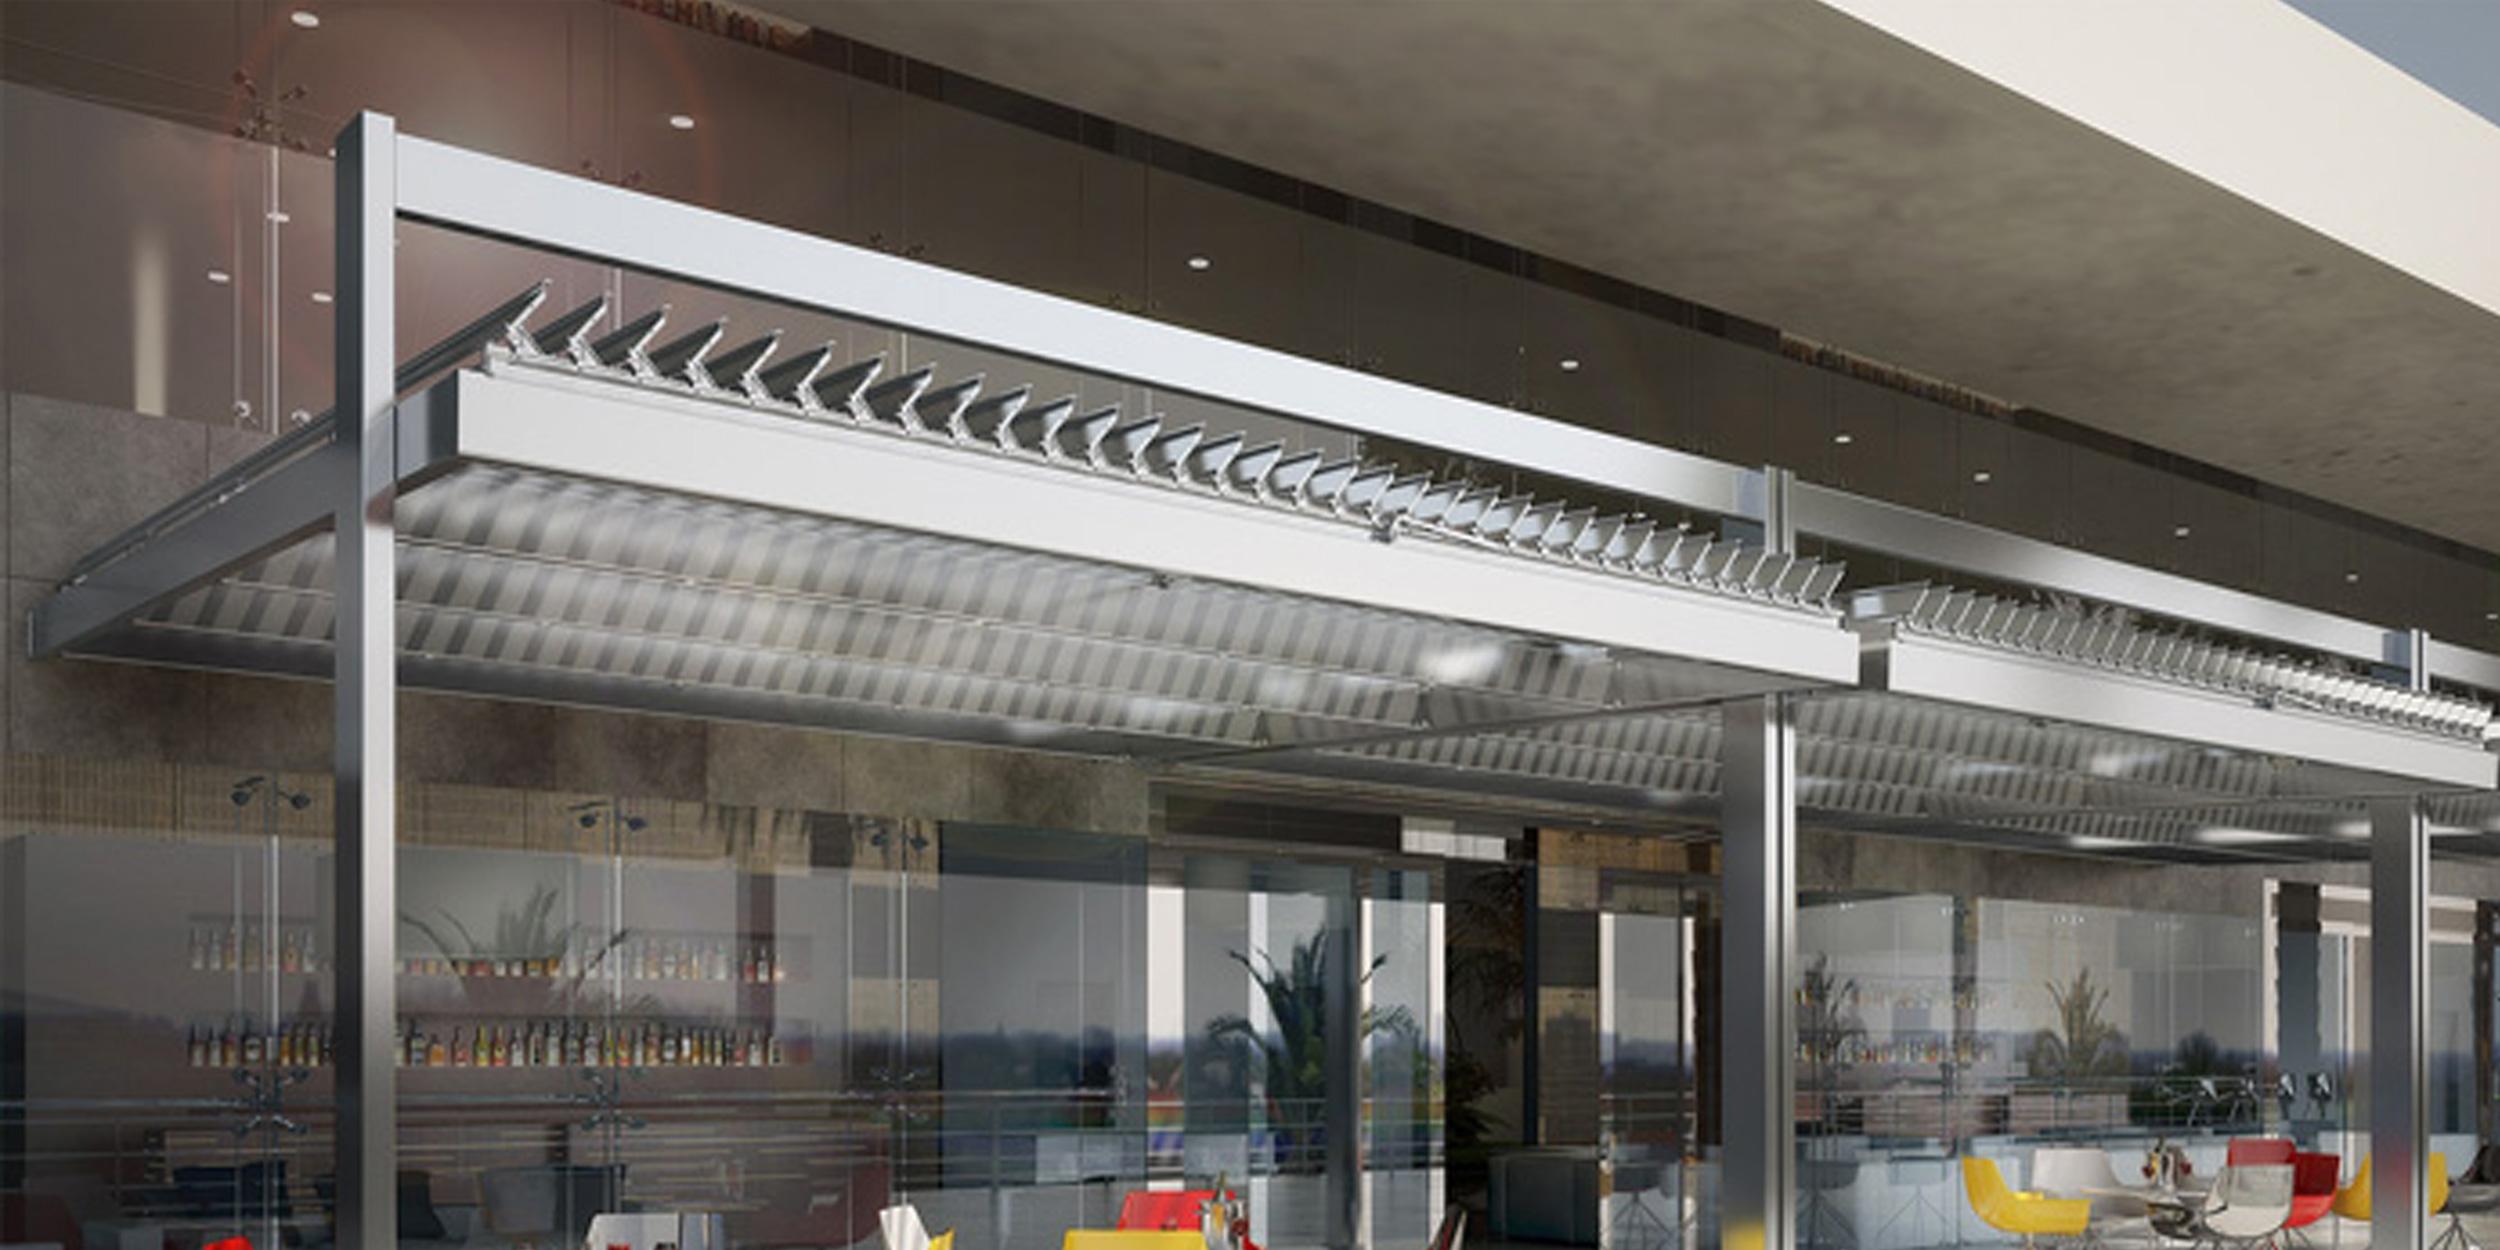 Illuminazione Con Cavi Acciaio ~ Ispirazione design casa